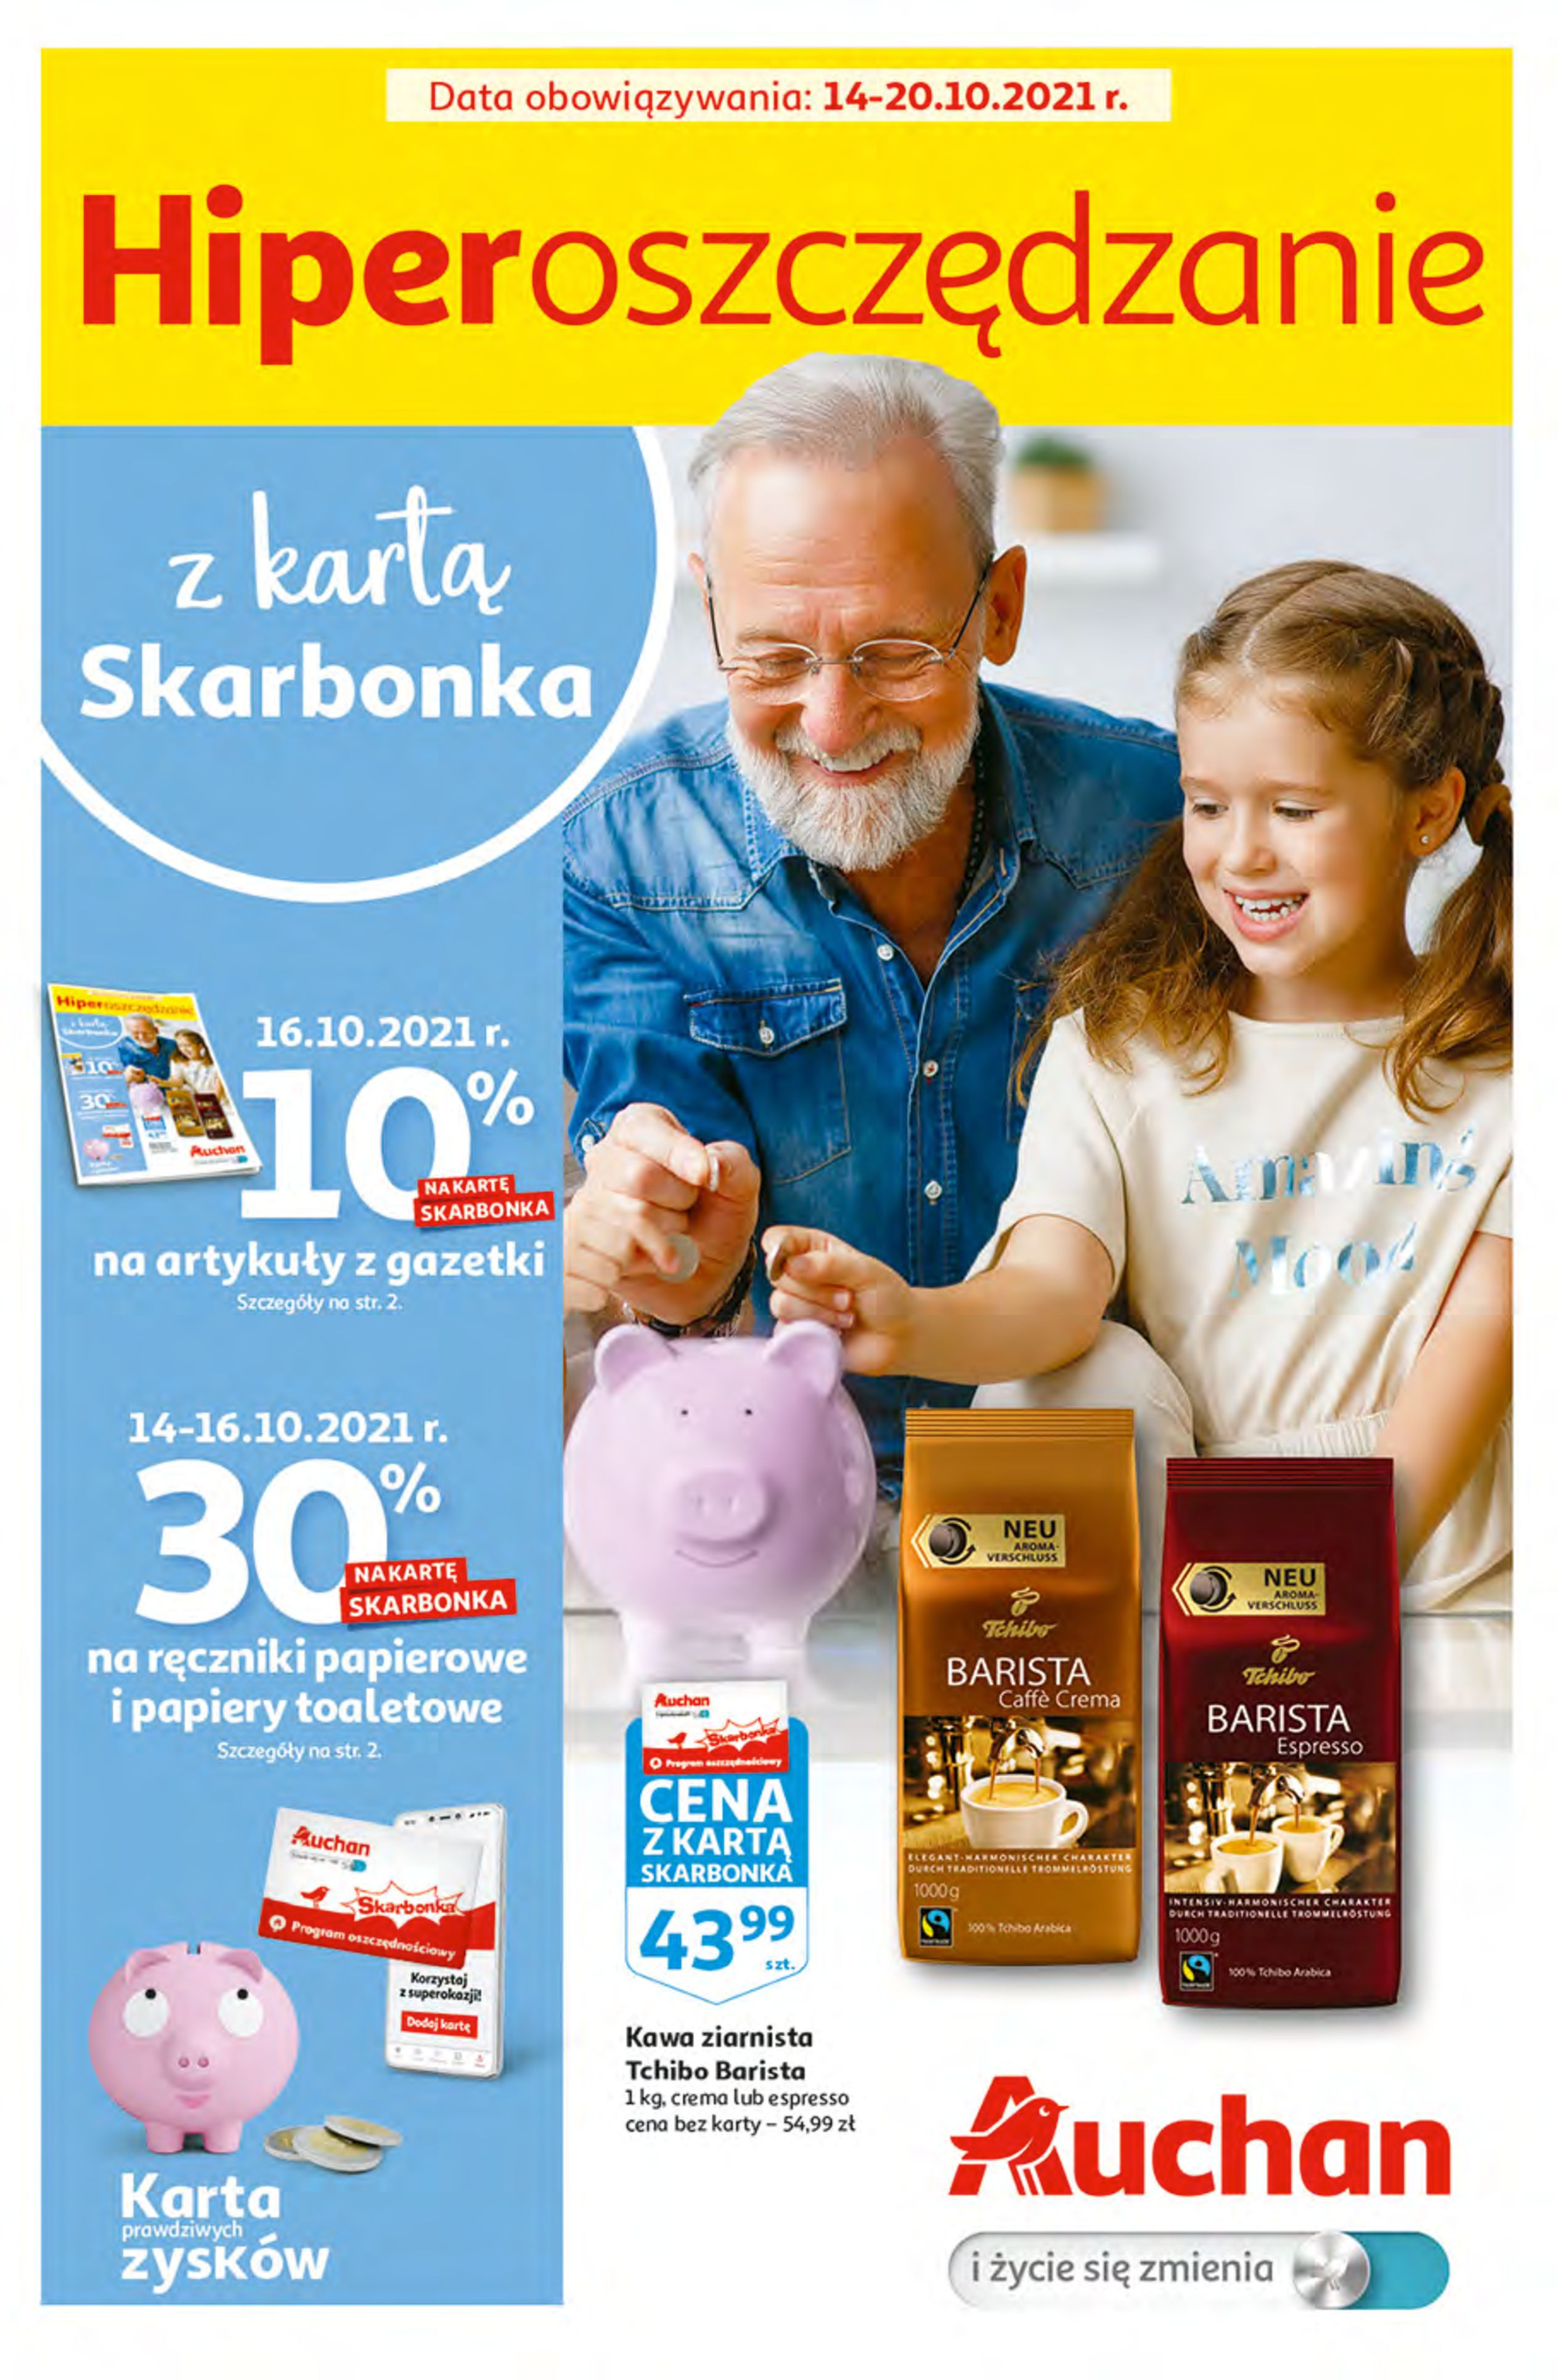 Gazetka Auchan: Gazetka Auchan - Hiperoszczędzanie z Kartą Skarbonka 2 Hipermarkety 2021-10-14 page-1